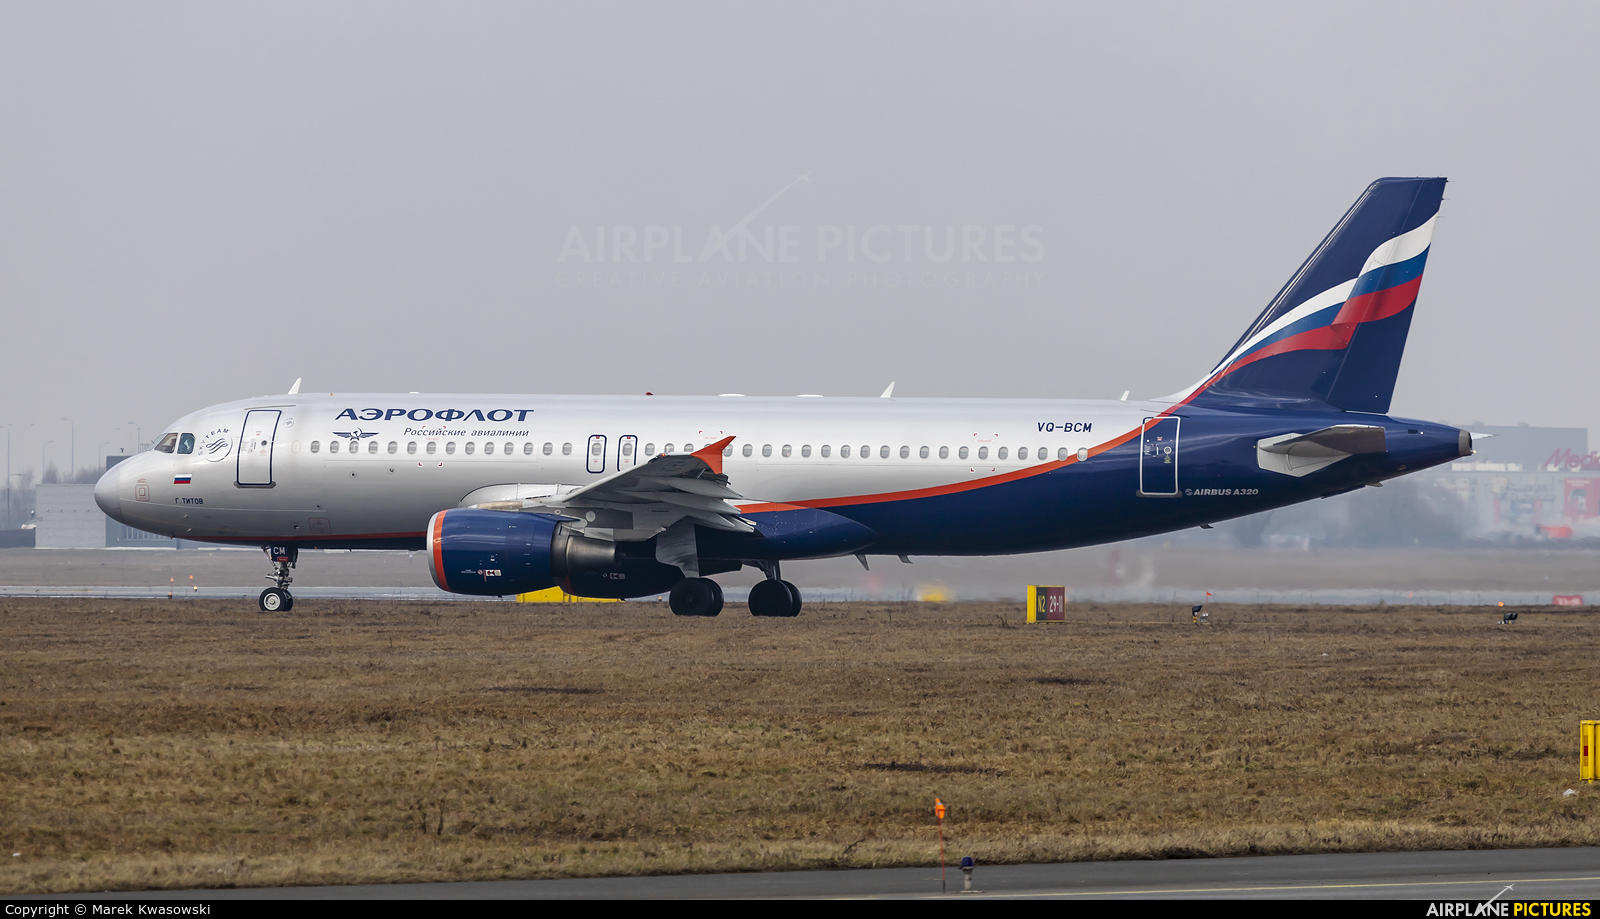 Aeroflot VQ-BCM aircraft at Warsaw - Frederic Chopin